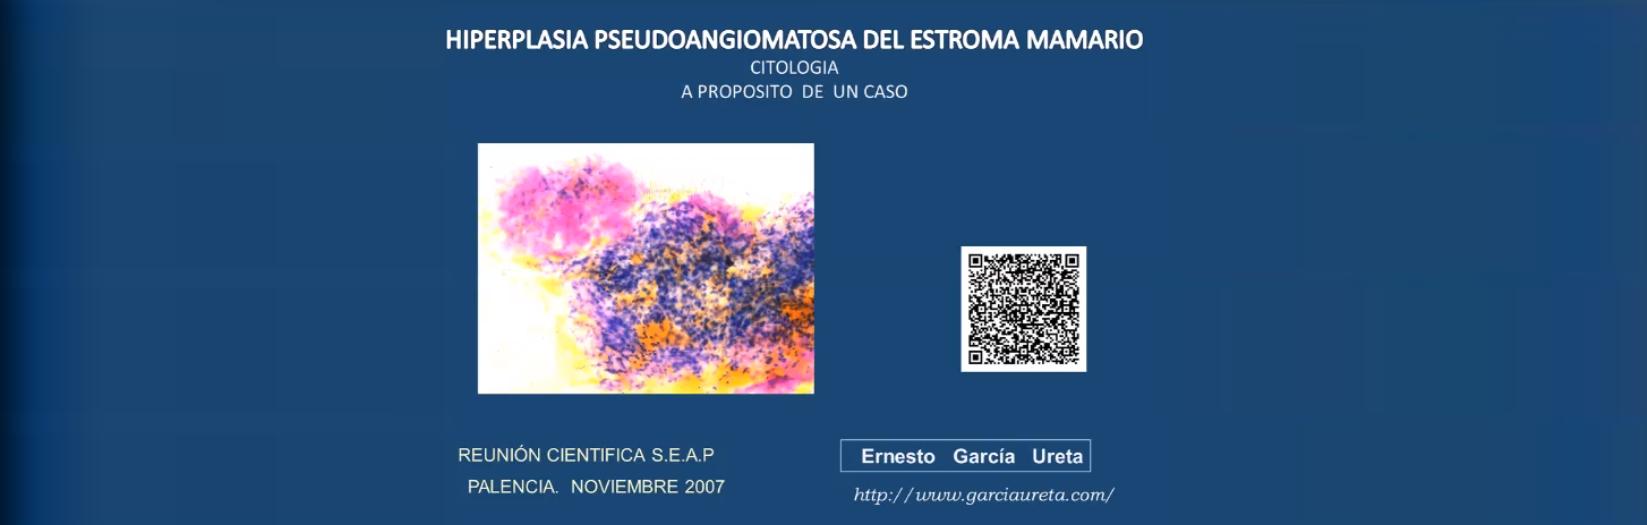 Hiperplasia Pseudoangiomatosa del Estroma Mamario